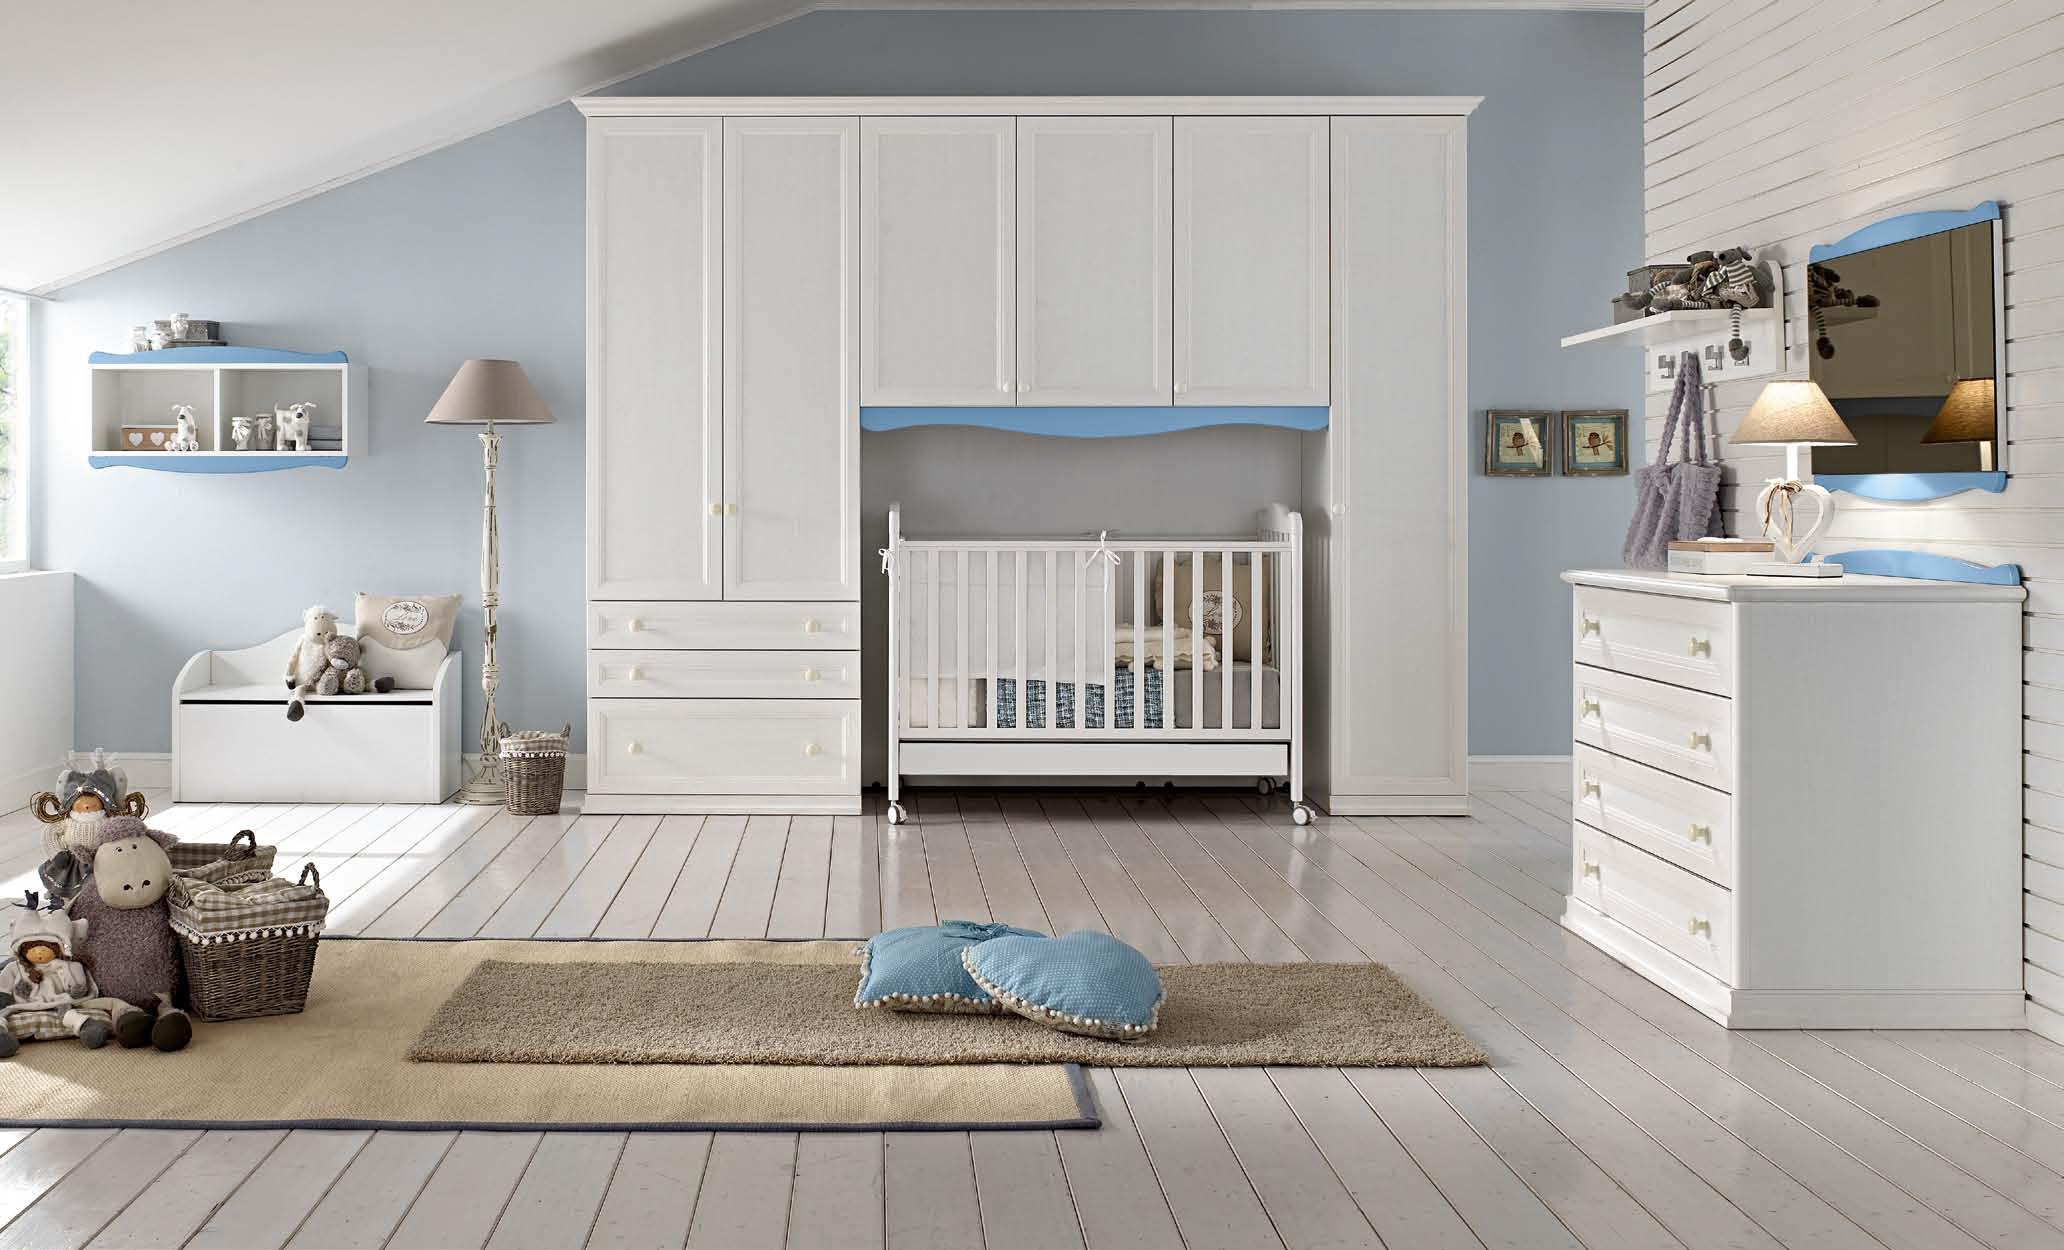 Cameretta per neonato culla fasciatoio centro mobili - Colore cameretta neonato ...